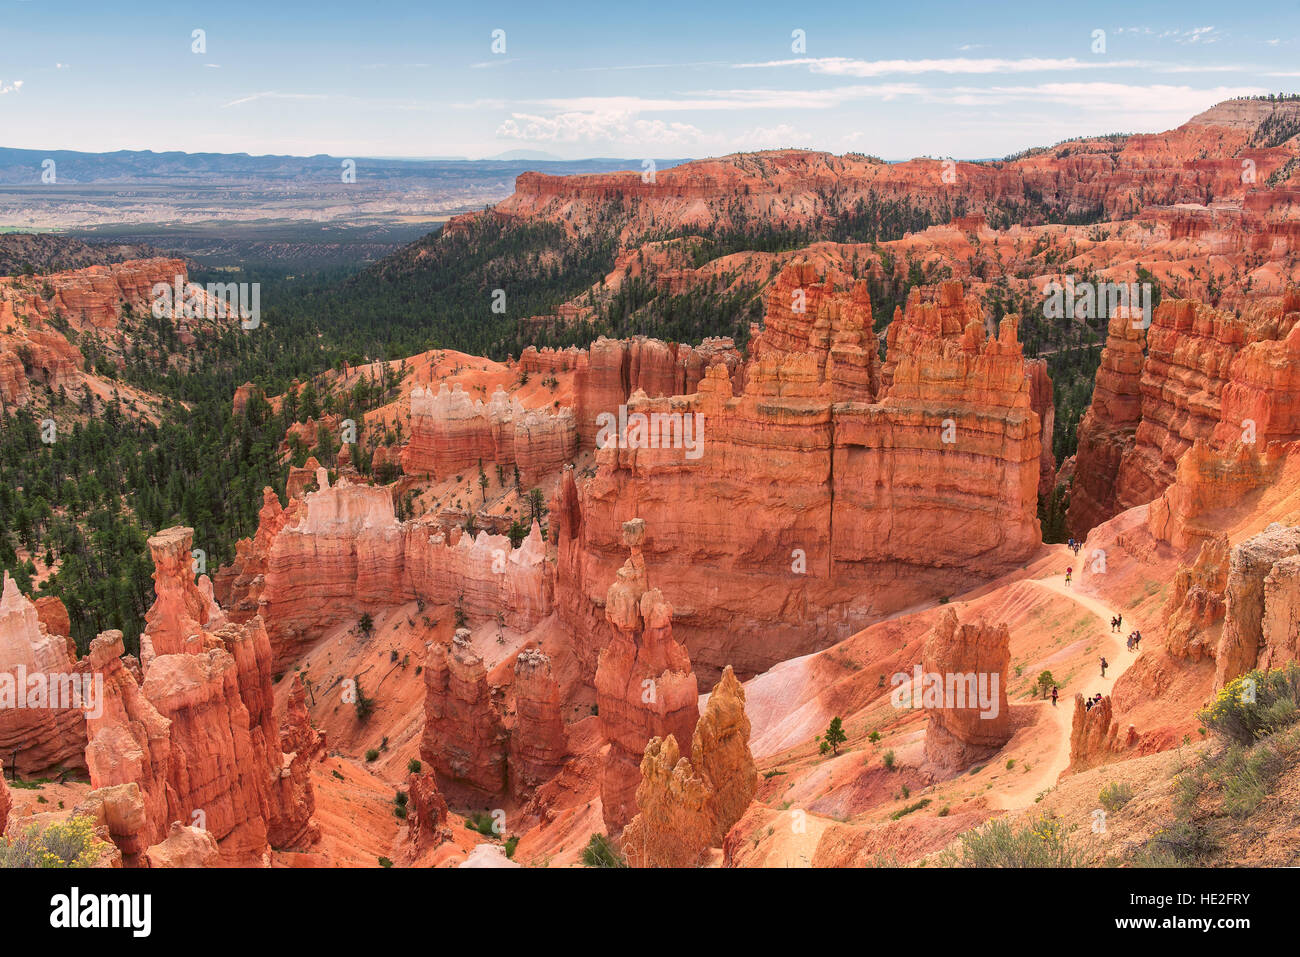 Anfiteatro de Bryce Canyon, Bryce Canyon National Park, Utah, EE.UU. Imagen De Stock